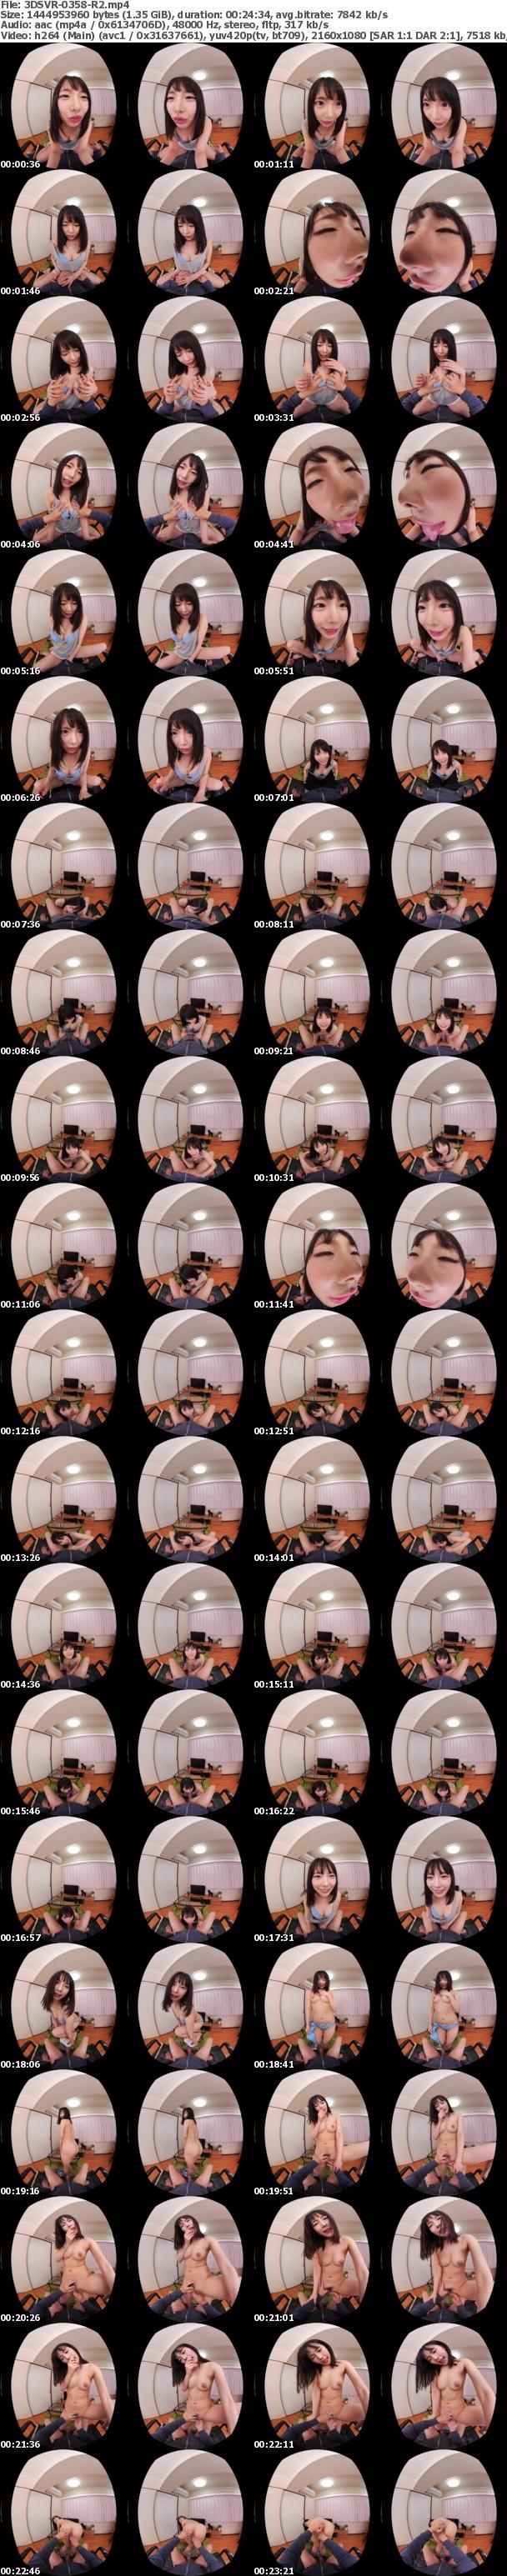 VR/3D 3DSVR-0358 【超高画質版】パパフェチVR父親の精子を欲しがる究極のファザコン!「パパ大好き…」娘の告白を断り切れず、腰使いで理性を失い一つになる近親相姦中出しセックス!! 五十嵐星蘭